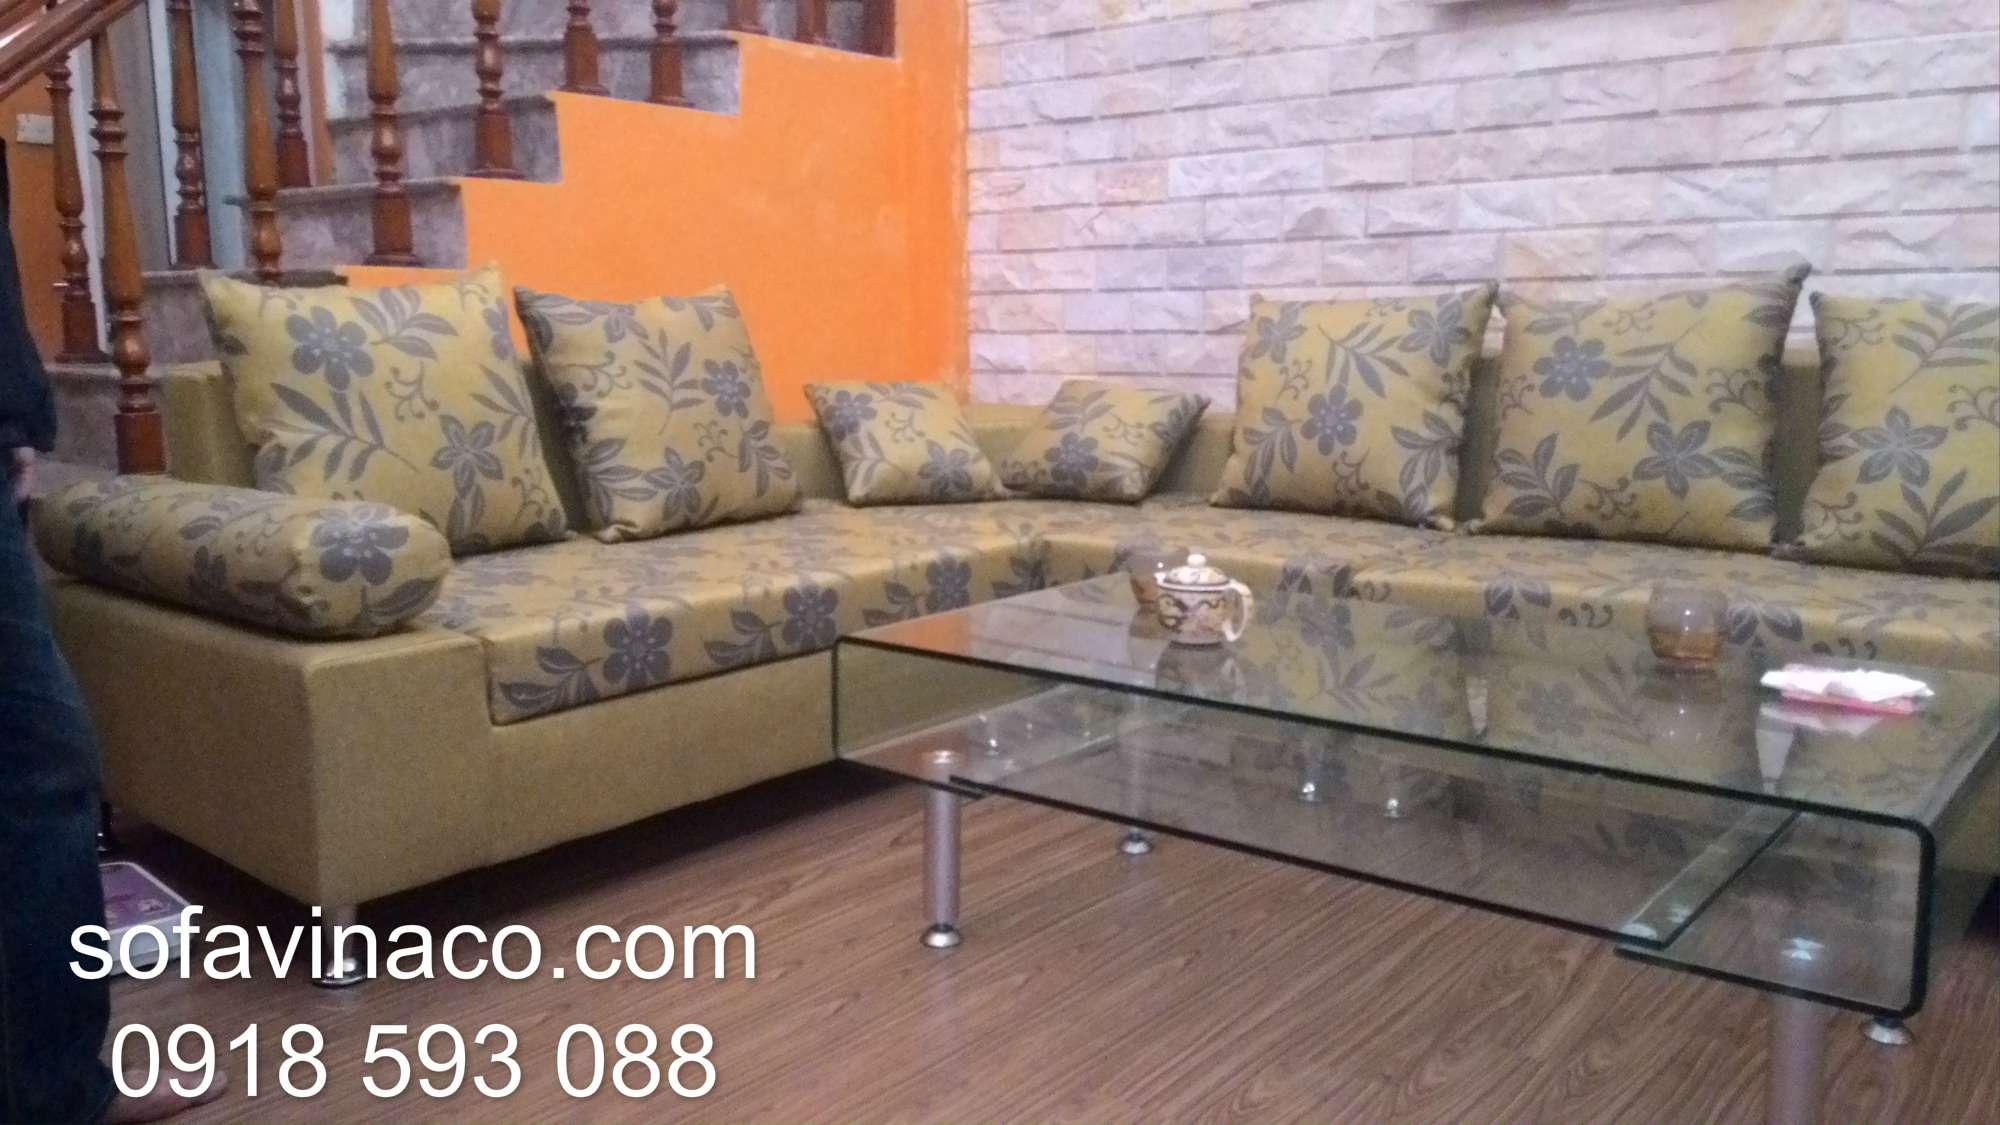 Bọc ghế sofa góc 0309 tại Hoàng Quốc Việt - Cầu Giấy - Hà Nội